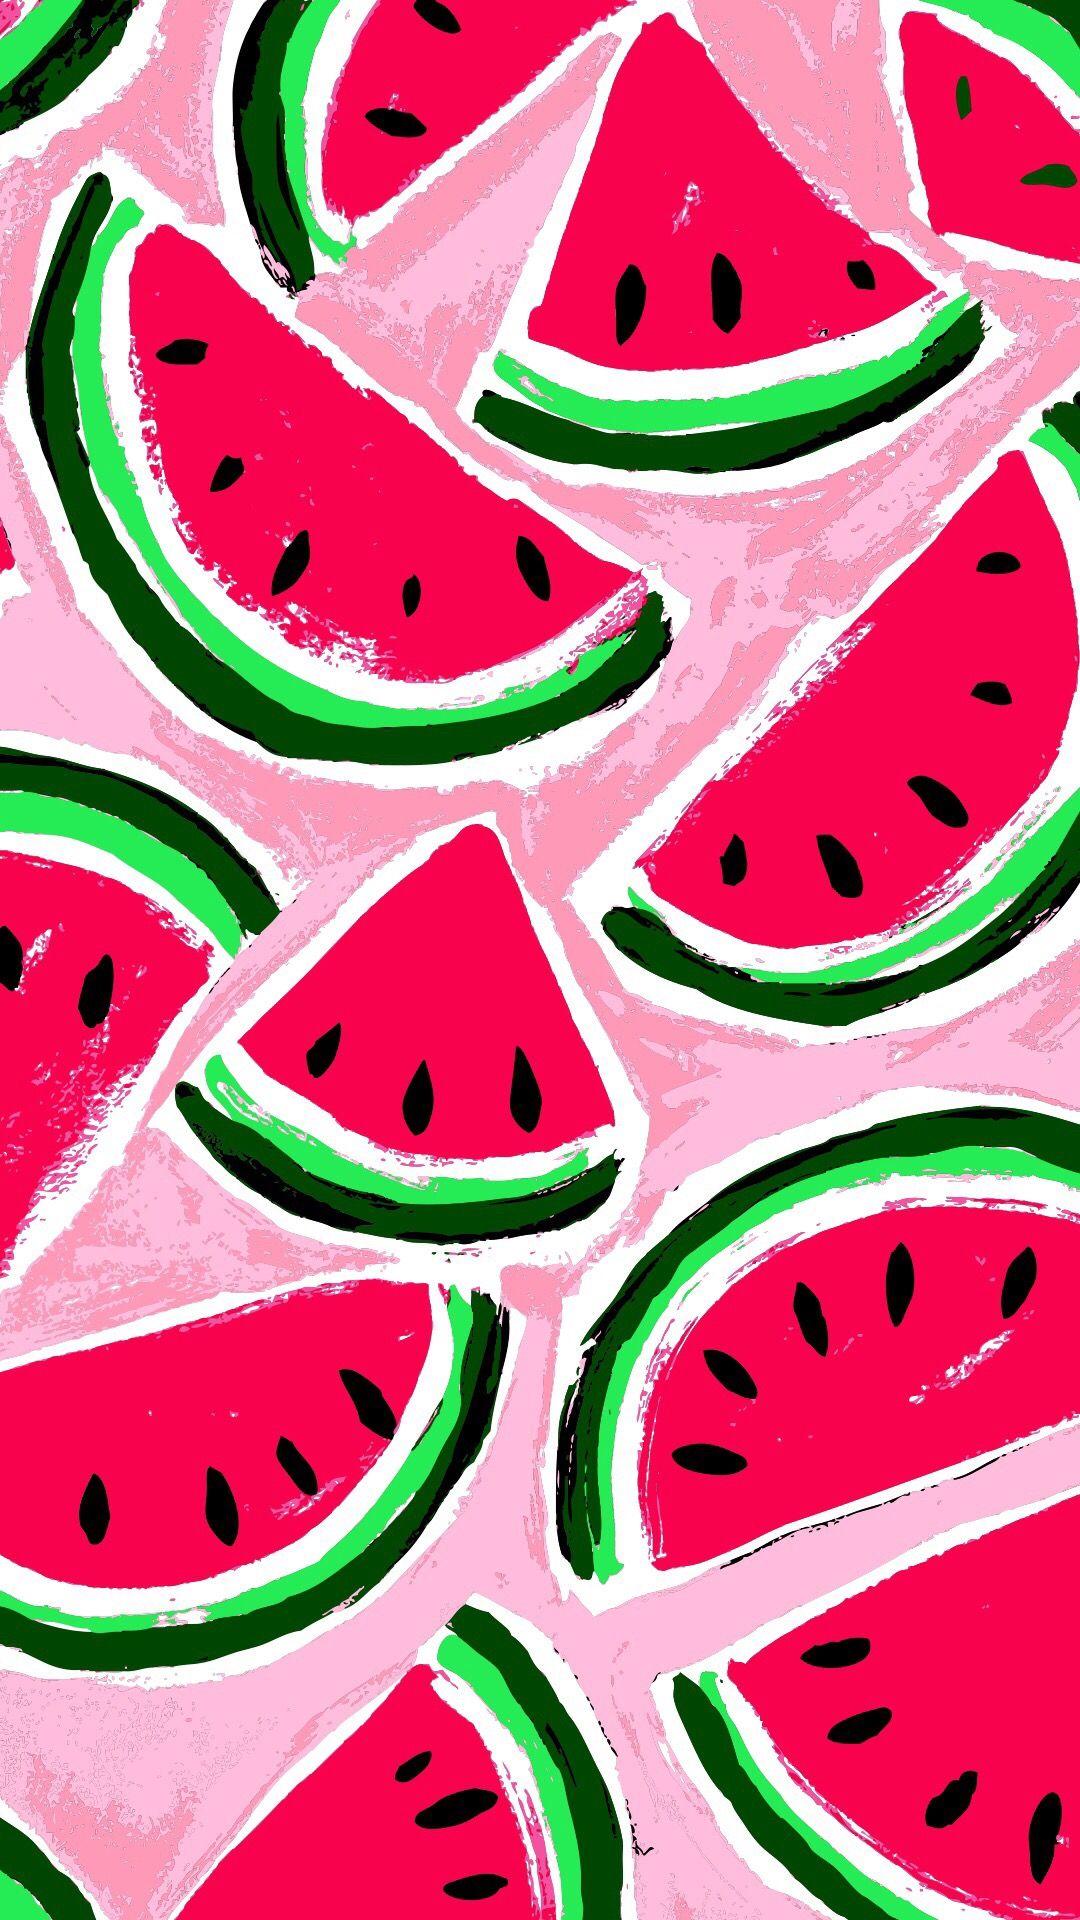 Pin by Faviola Lopez on Cellphone wallpaper | Watermelon ...